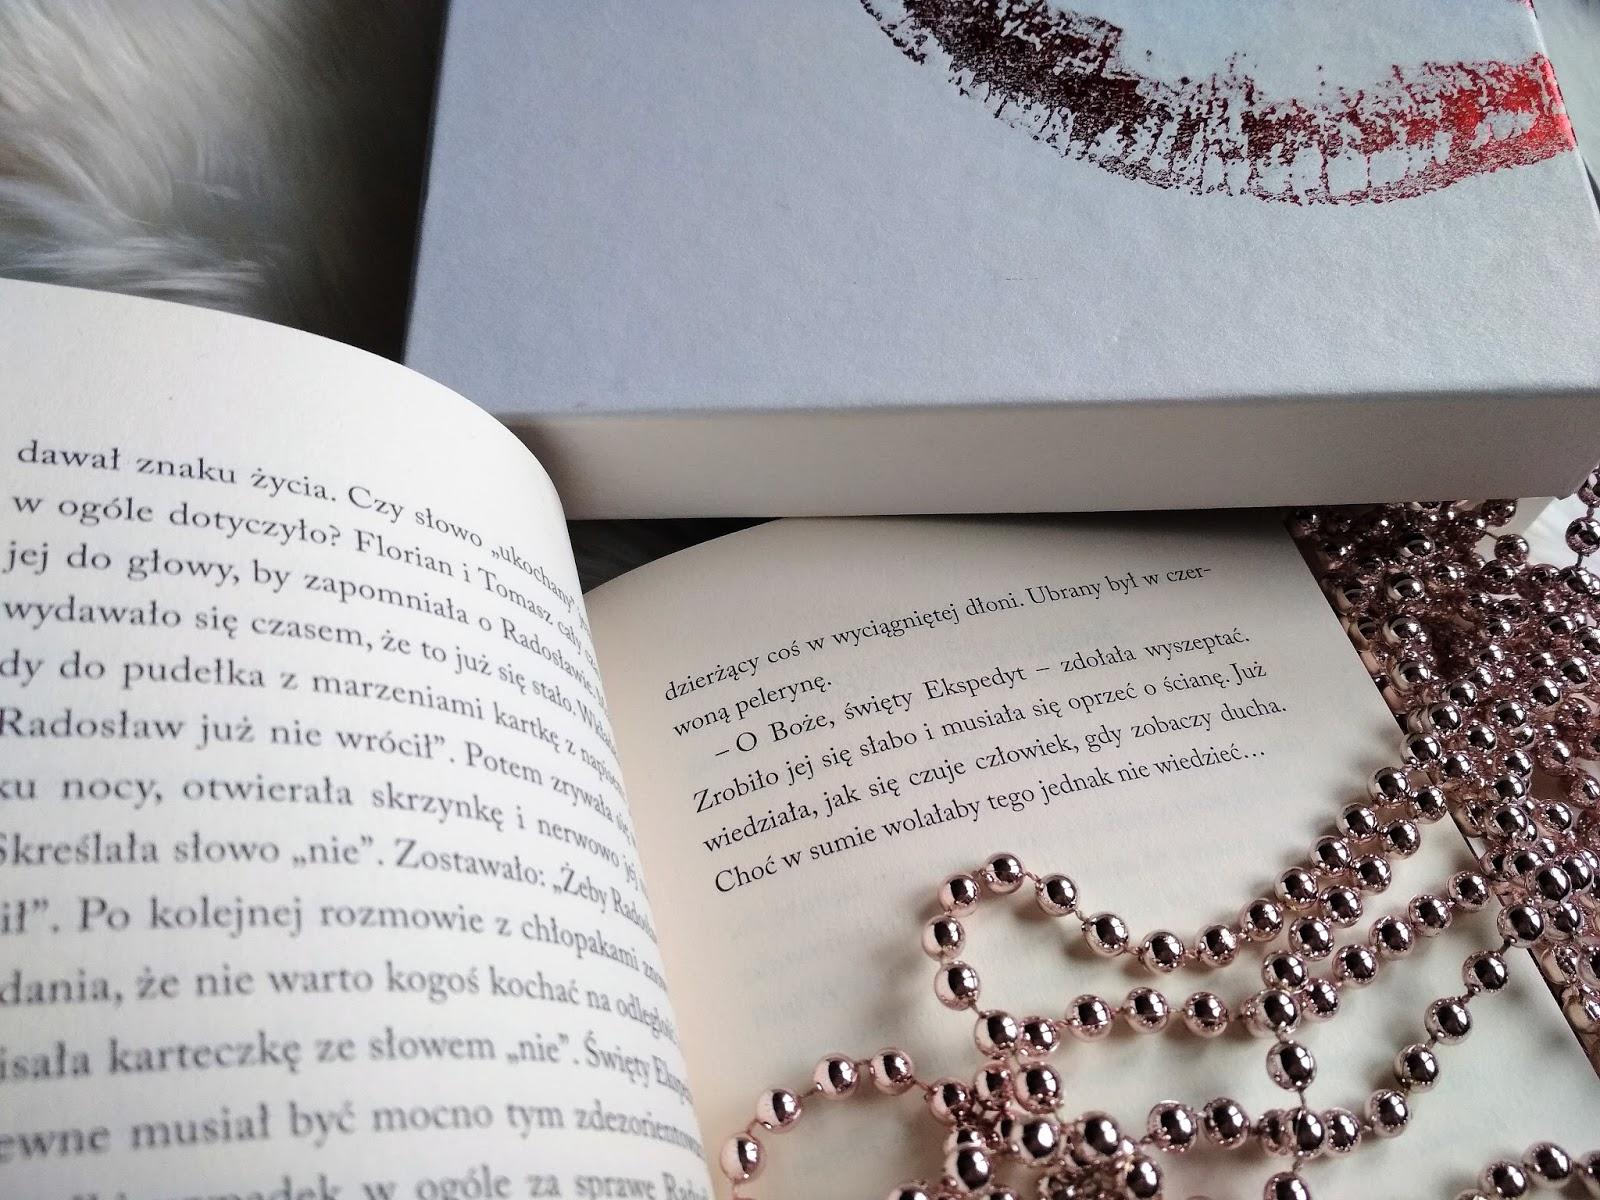 pudełko z marzeniami, magdalena witkiewicz, alek rogoziński, recenzja, książka, blog książka, opinia, piękne zdjęcia